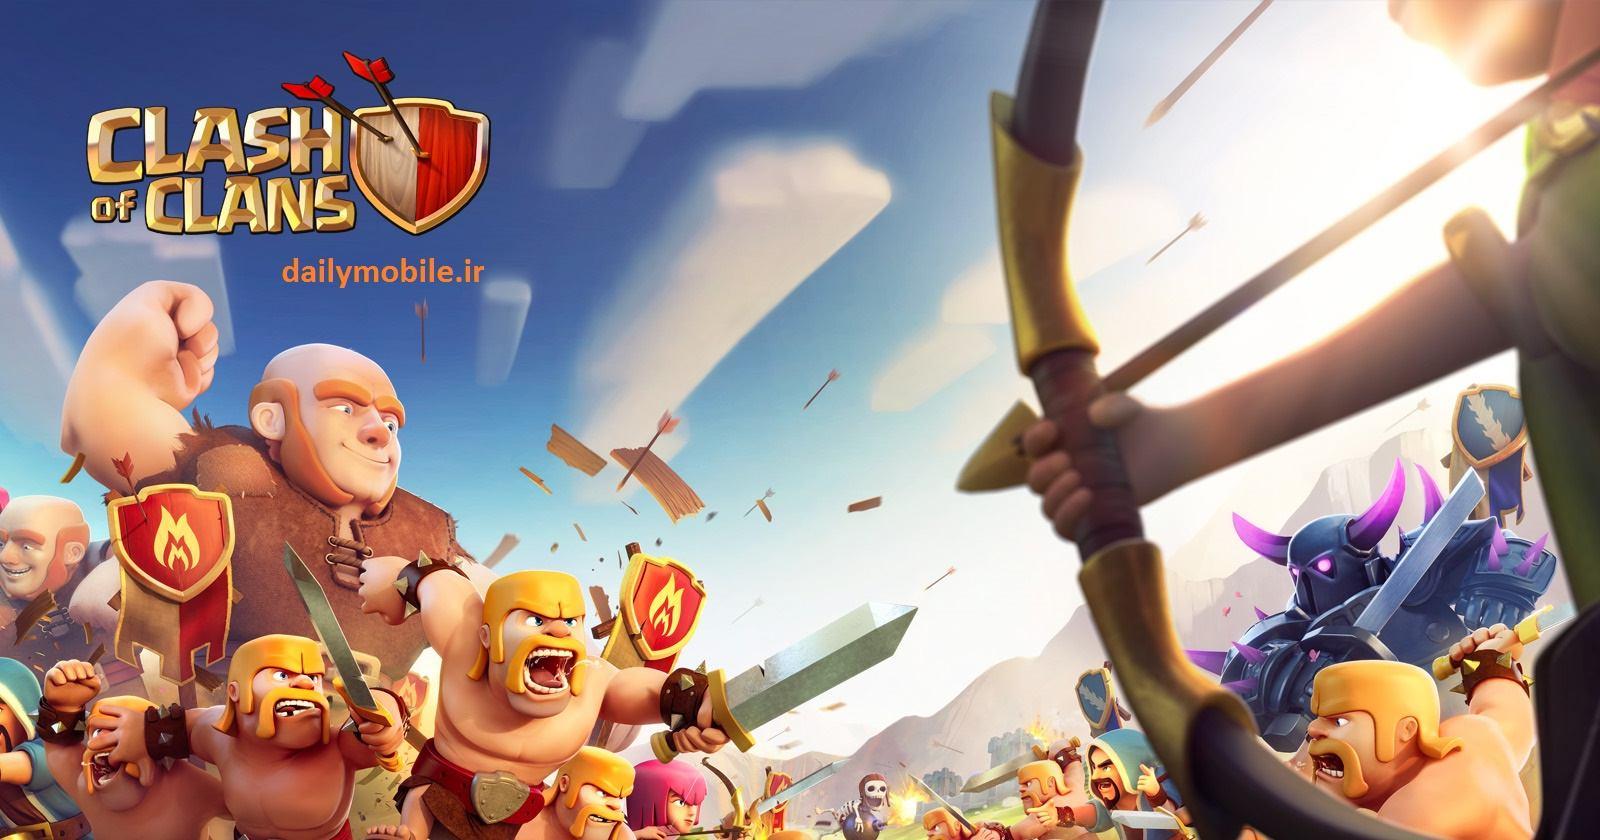 دانلود نسخه ی جدید بازی جنگ قبیله ها Clash of Clans